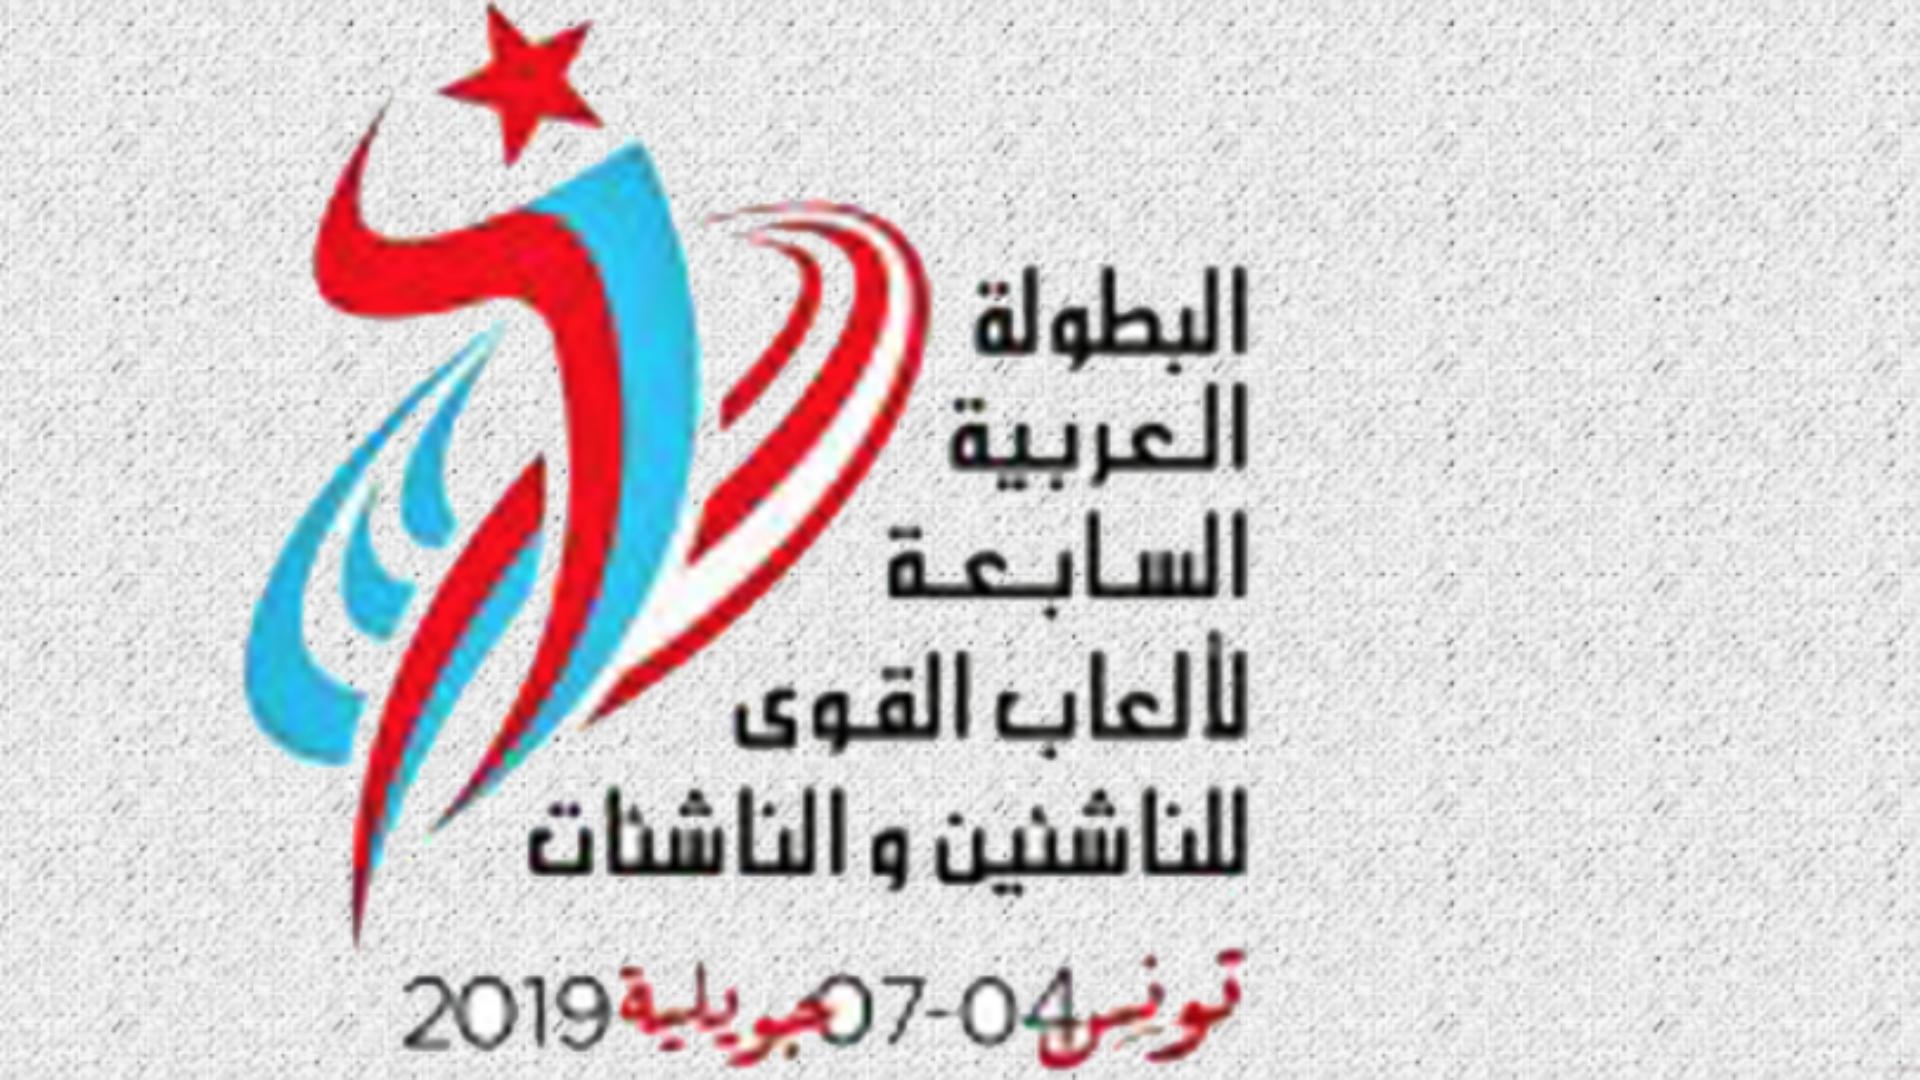 المنتخب العراقي يشارك في البطولة العربية السابعة لألعاب القوى في تونس